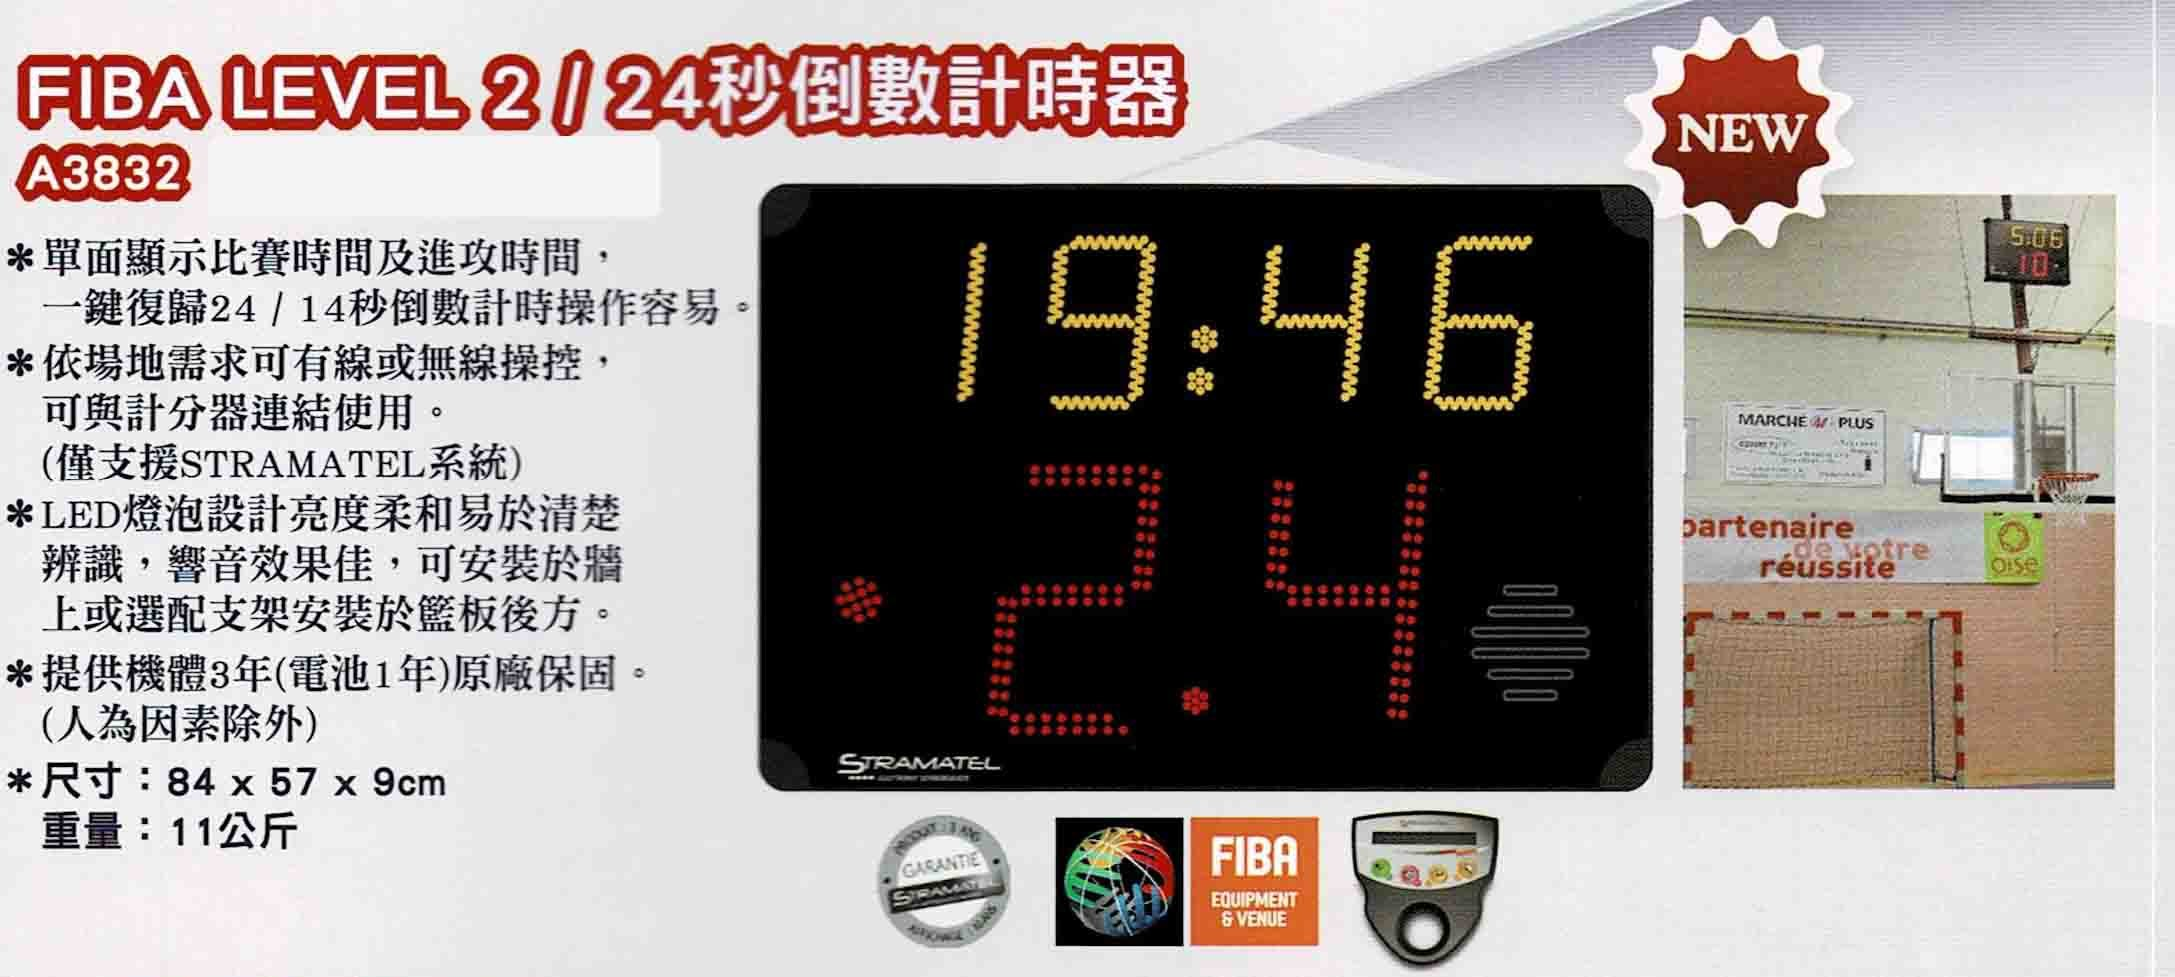 爾東體育 CONTI A3832 24秒倒數計時器 FIBA認證 14秒倒數計時器 有線操控 無線操控 來電洽詢